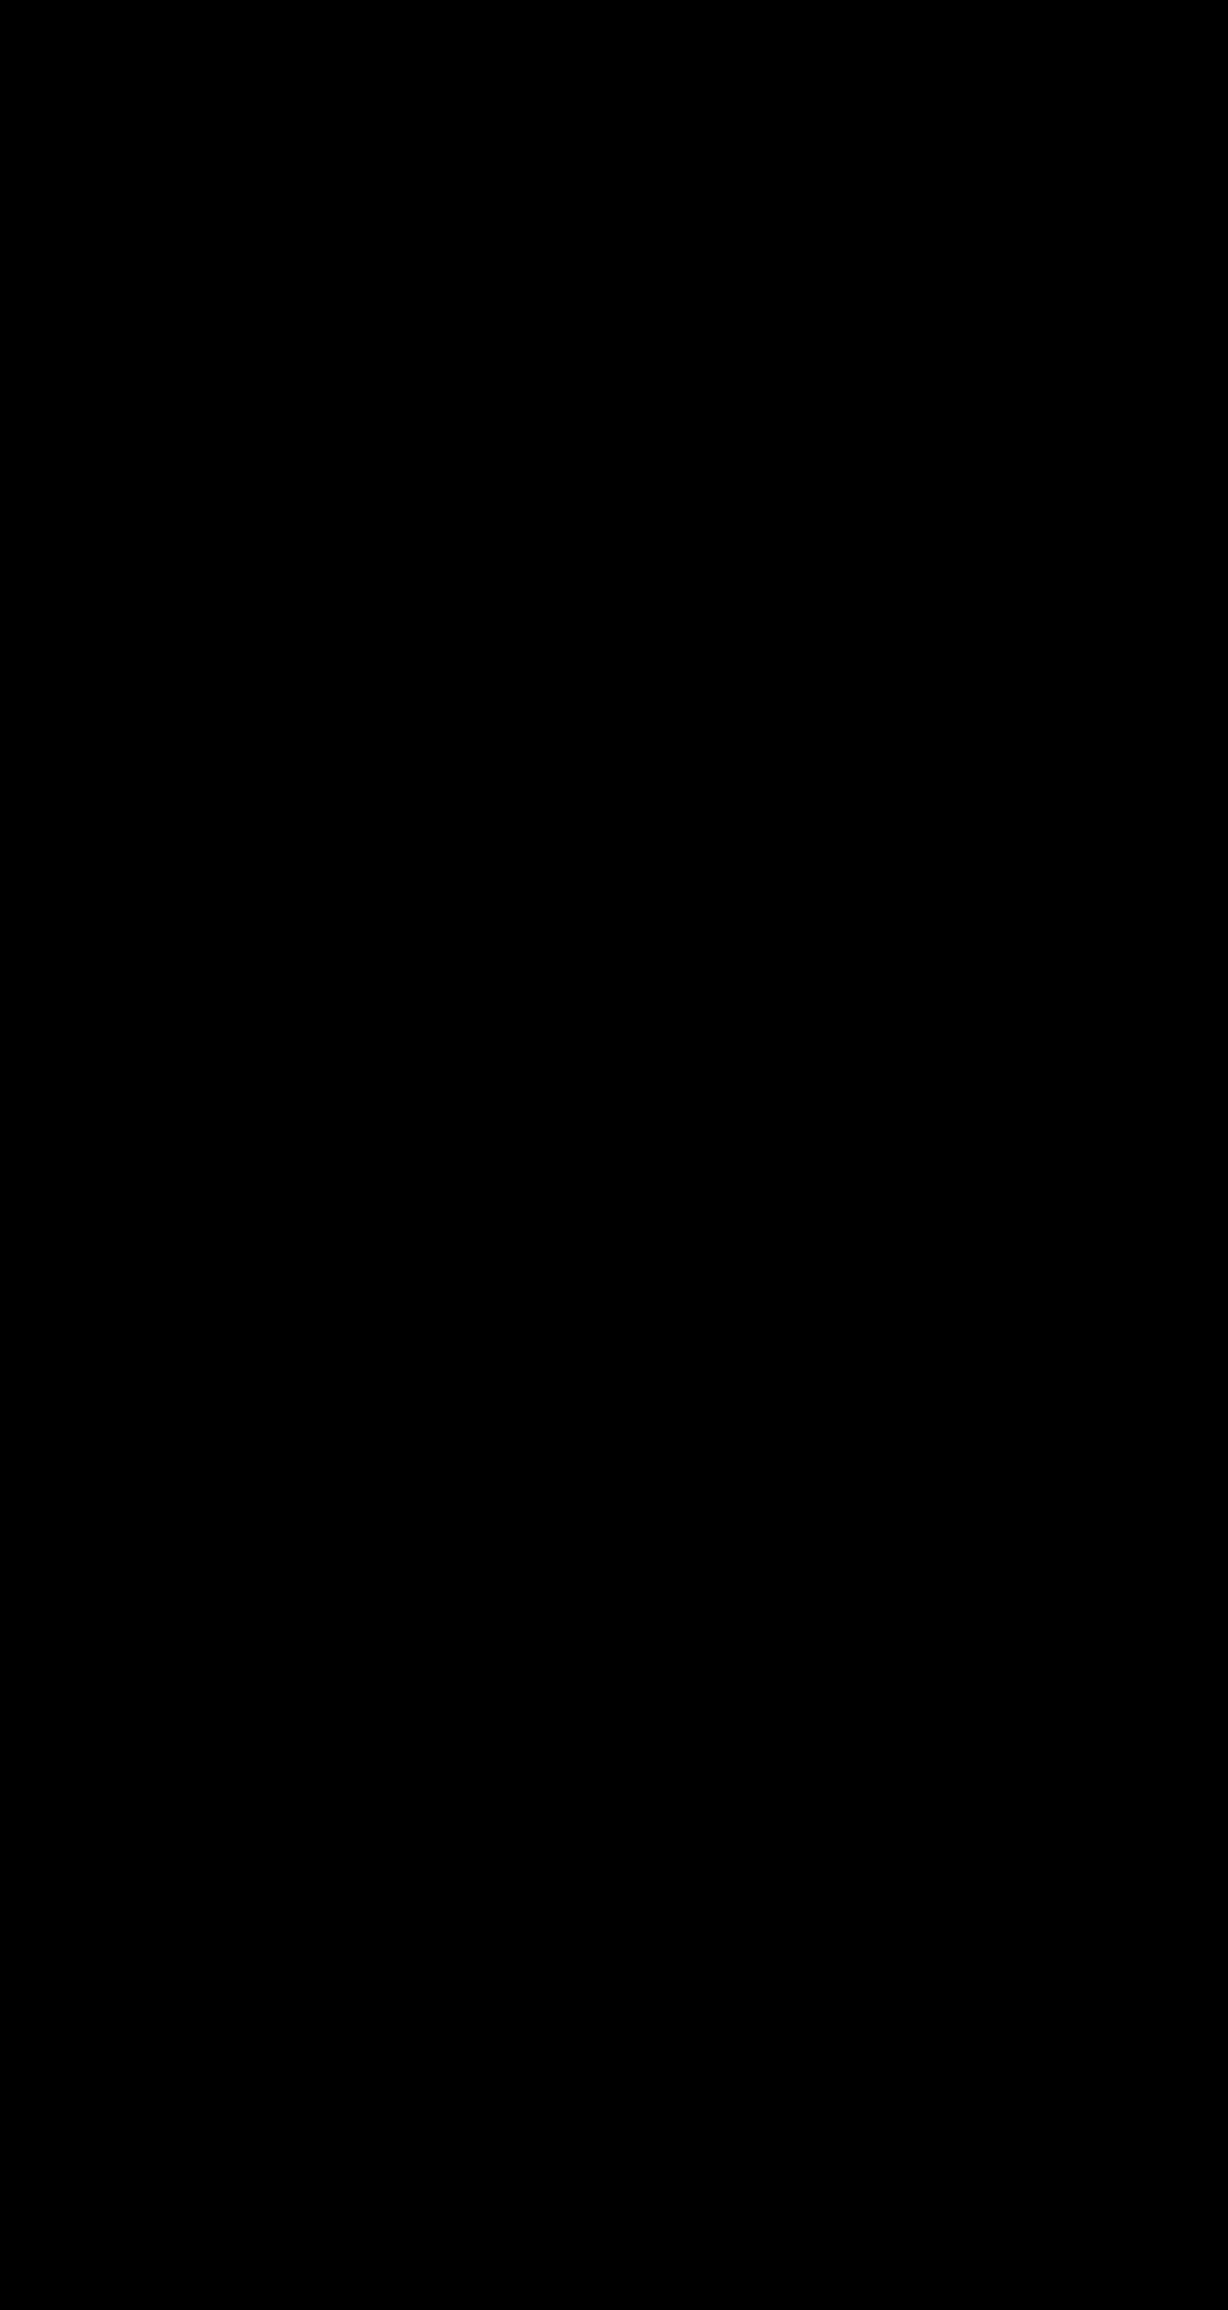 pot-plant-silhouette-6.png